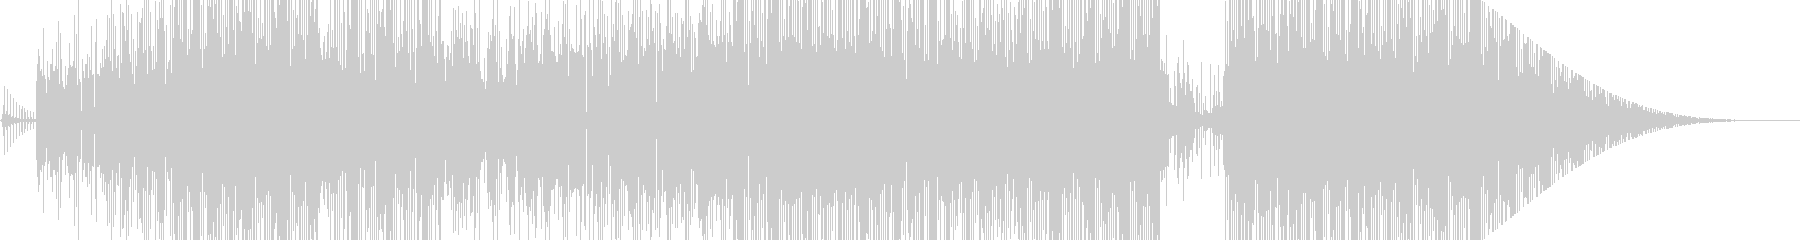 エレクトリックジャズプロジェクト。...の未再生の波形